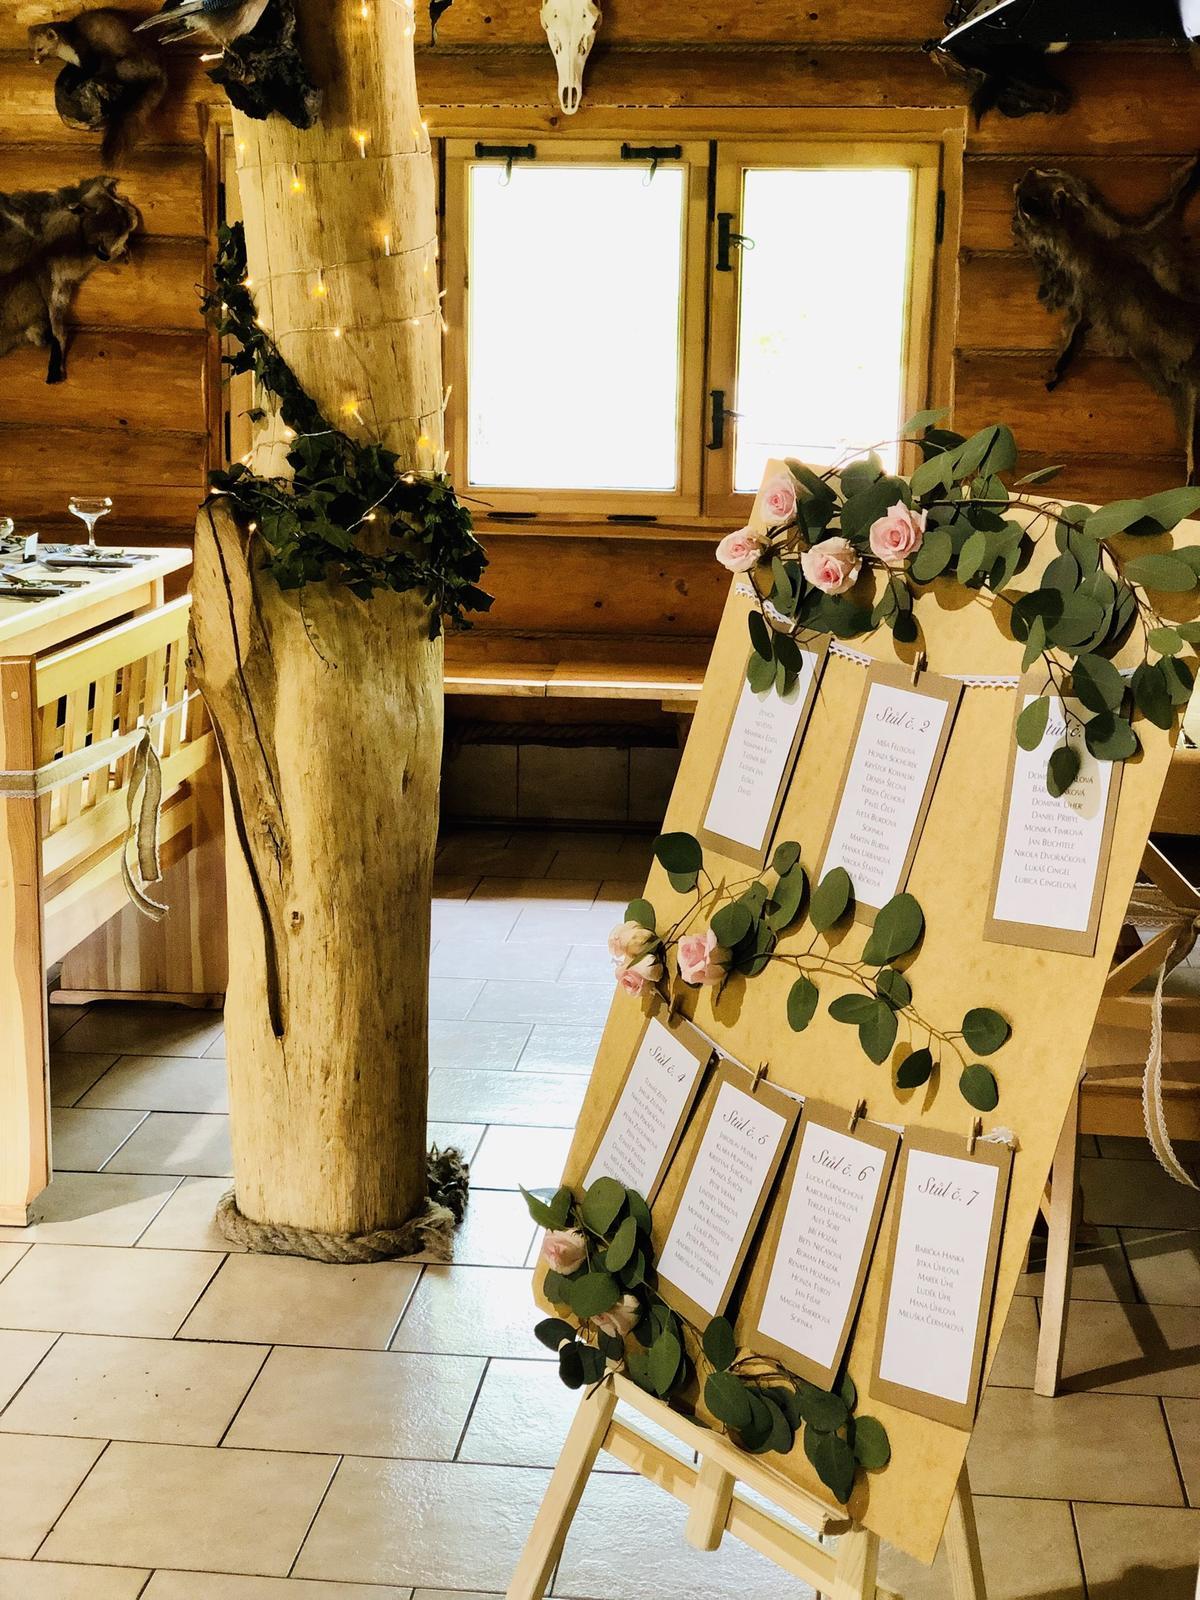 Svatební výzdoba a dekorace Praha - svatba Resort Svět - Vyzdobanaklic.cz